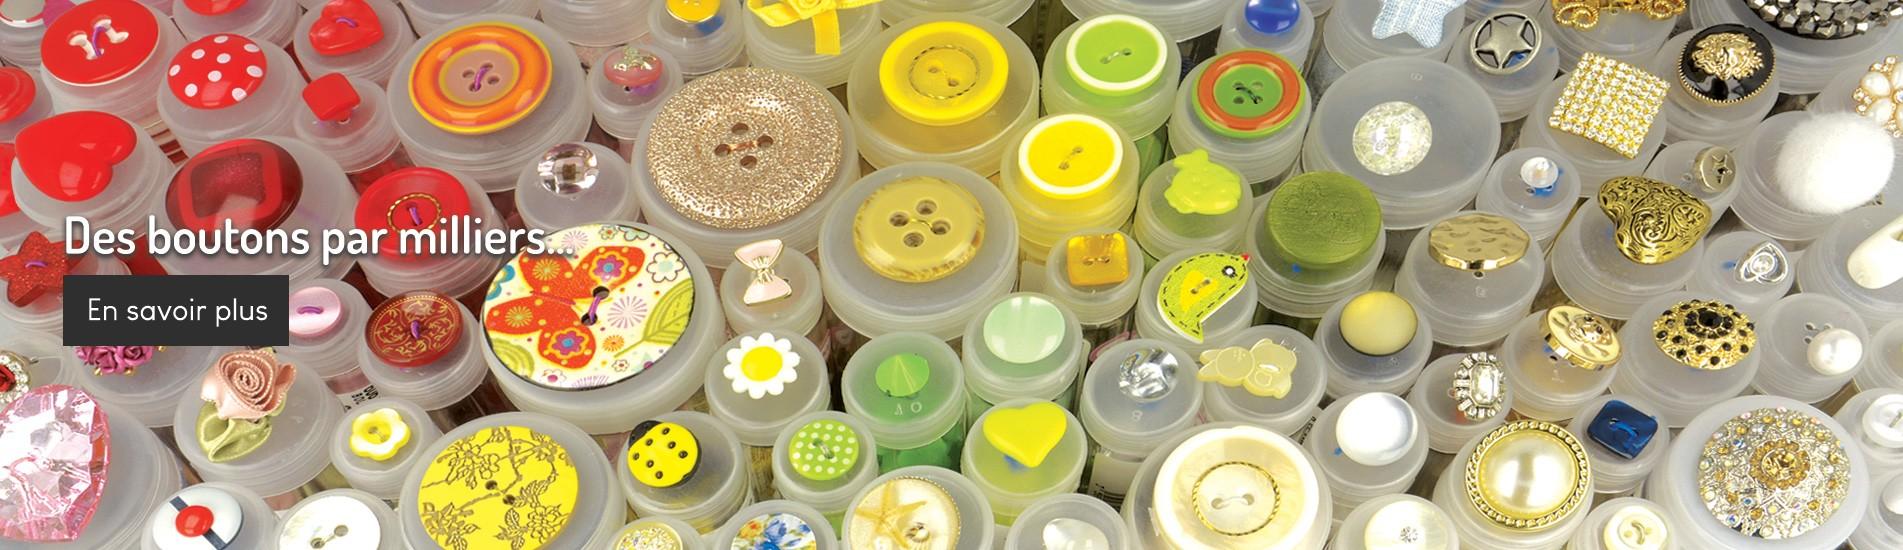 Des boutons par milliers...